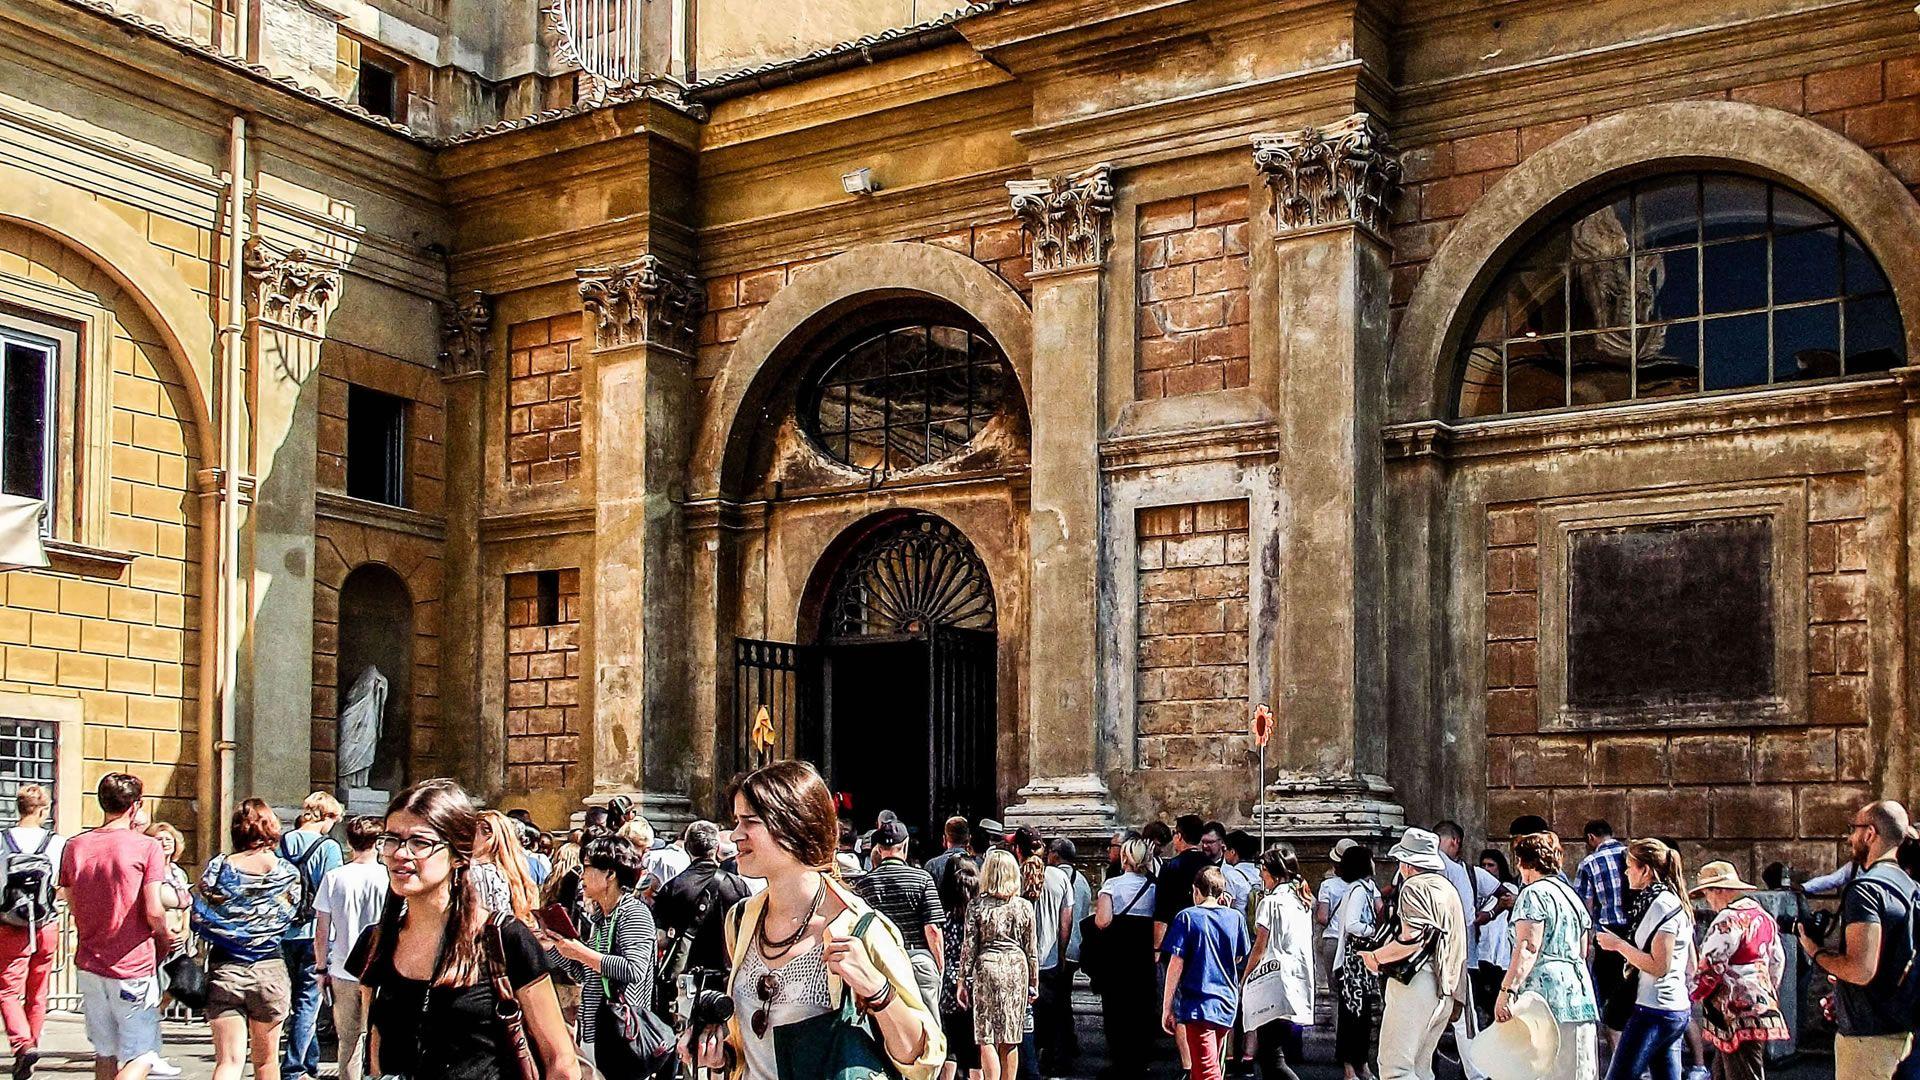 Los museos del Vaticano limitarían la entrada de turistas desde 2019